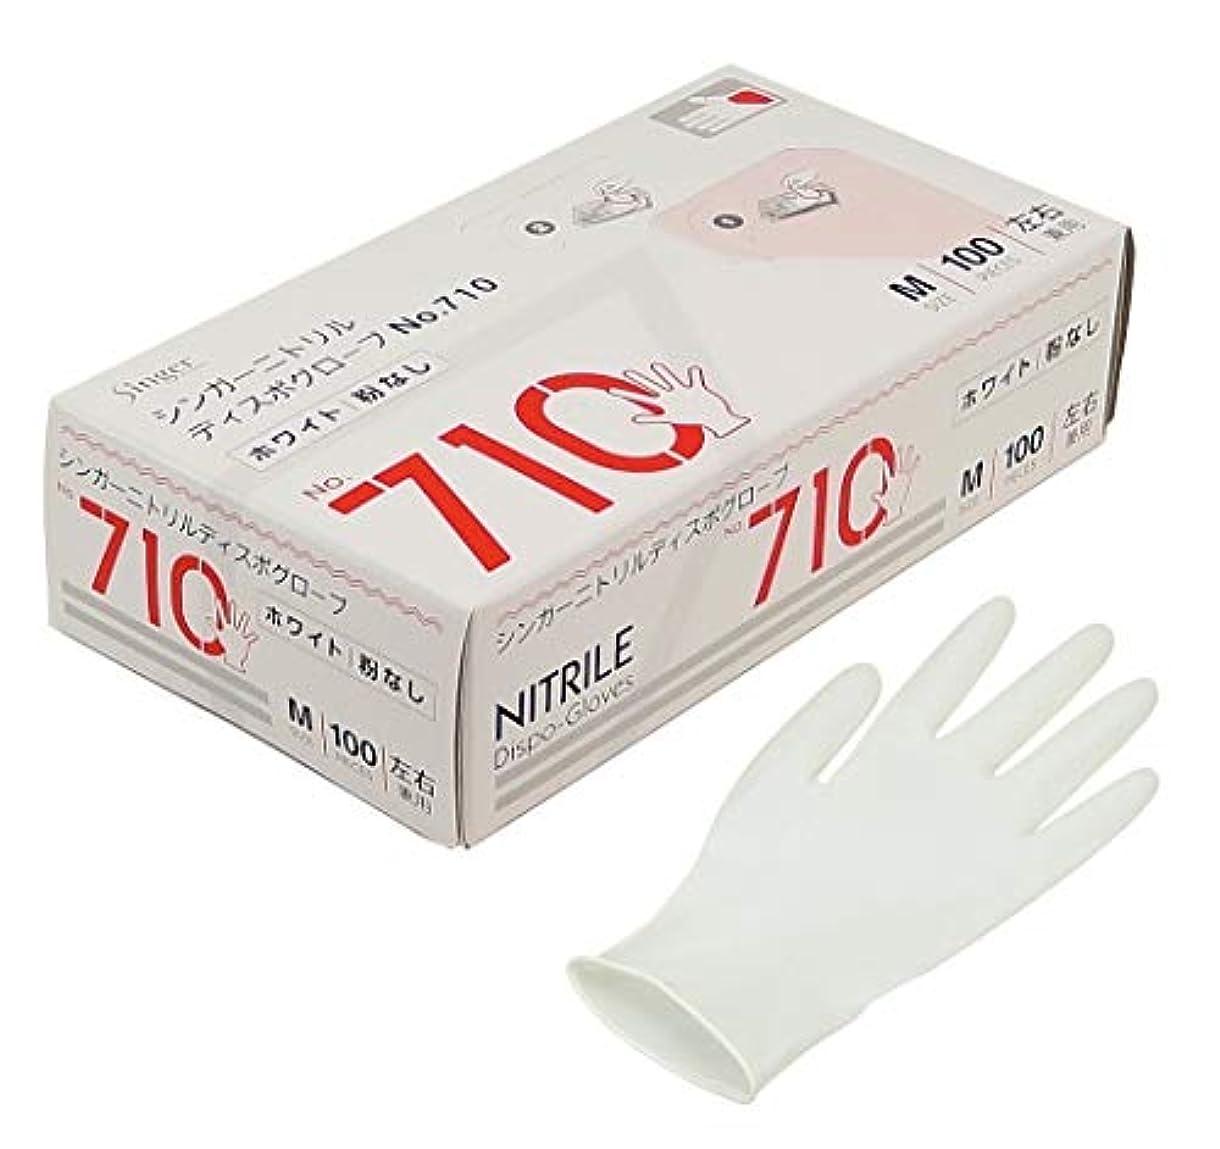 何でもクラッシュ資源シンガー ニトリルディスポグローブ(手袋) No.710 ホワイト パウダーフリー(100枚) M